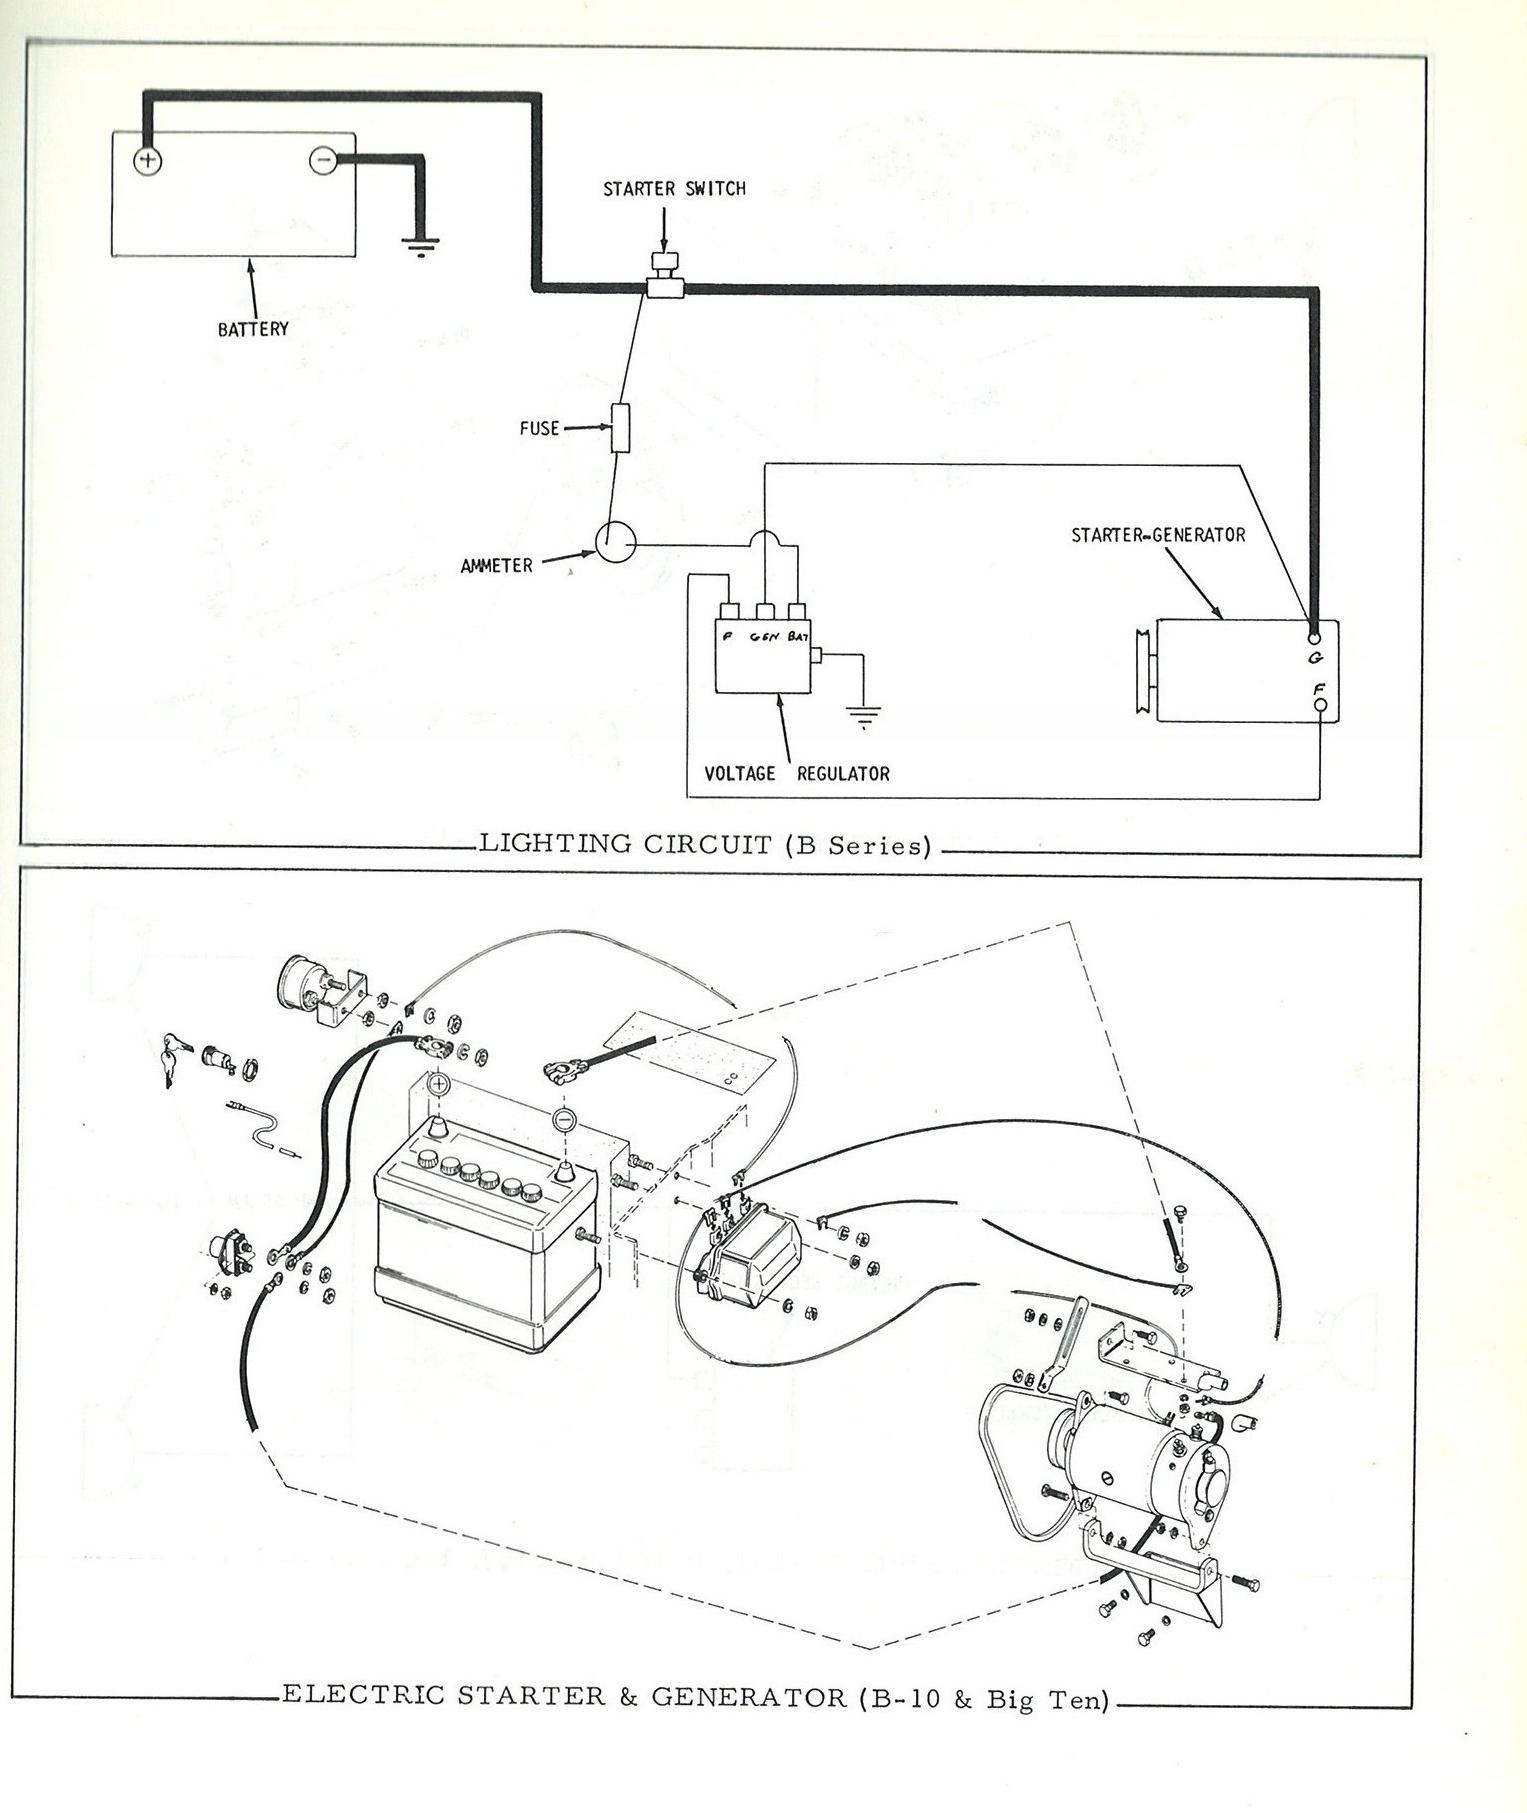 Amusing Melex 512 Wiring Diagram Pictures - Best Image Diagram ...